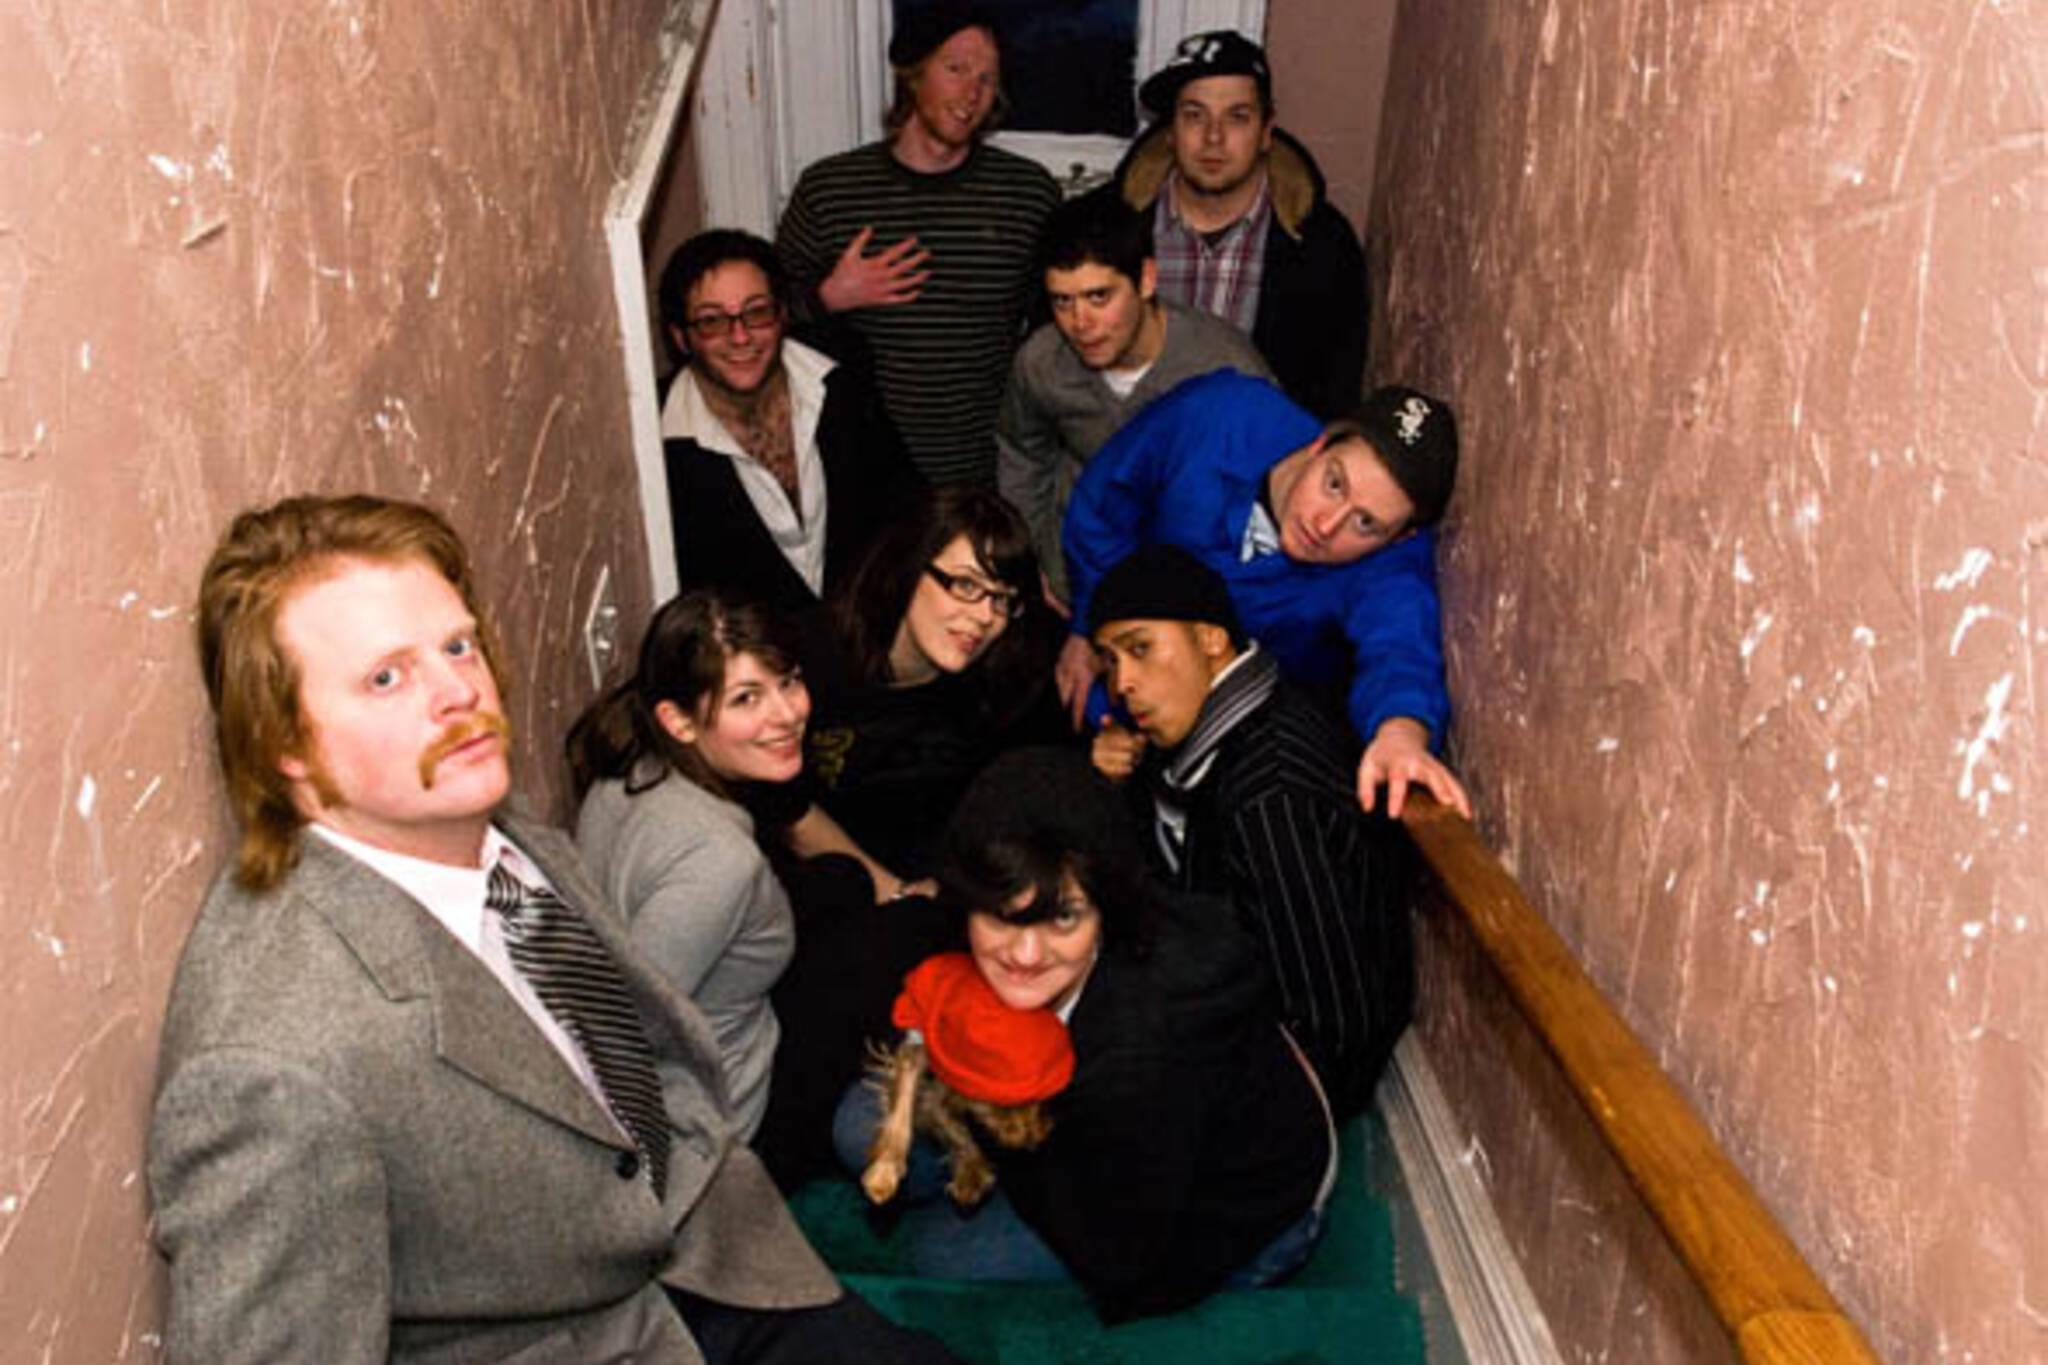 Toronto skit gang THE BOOM